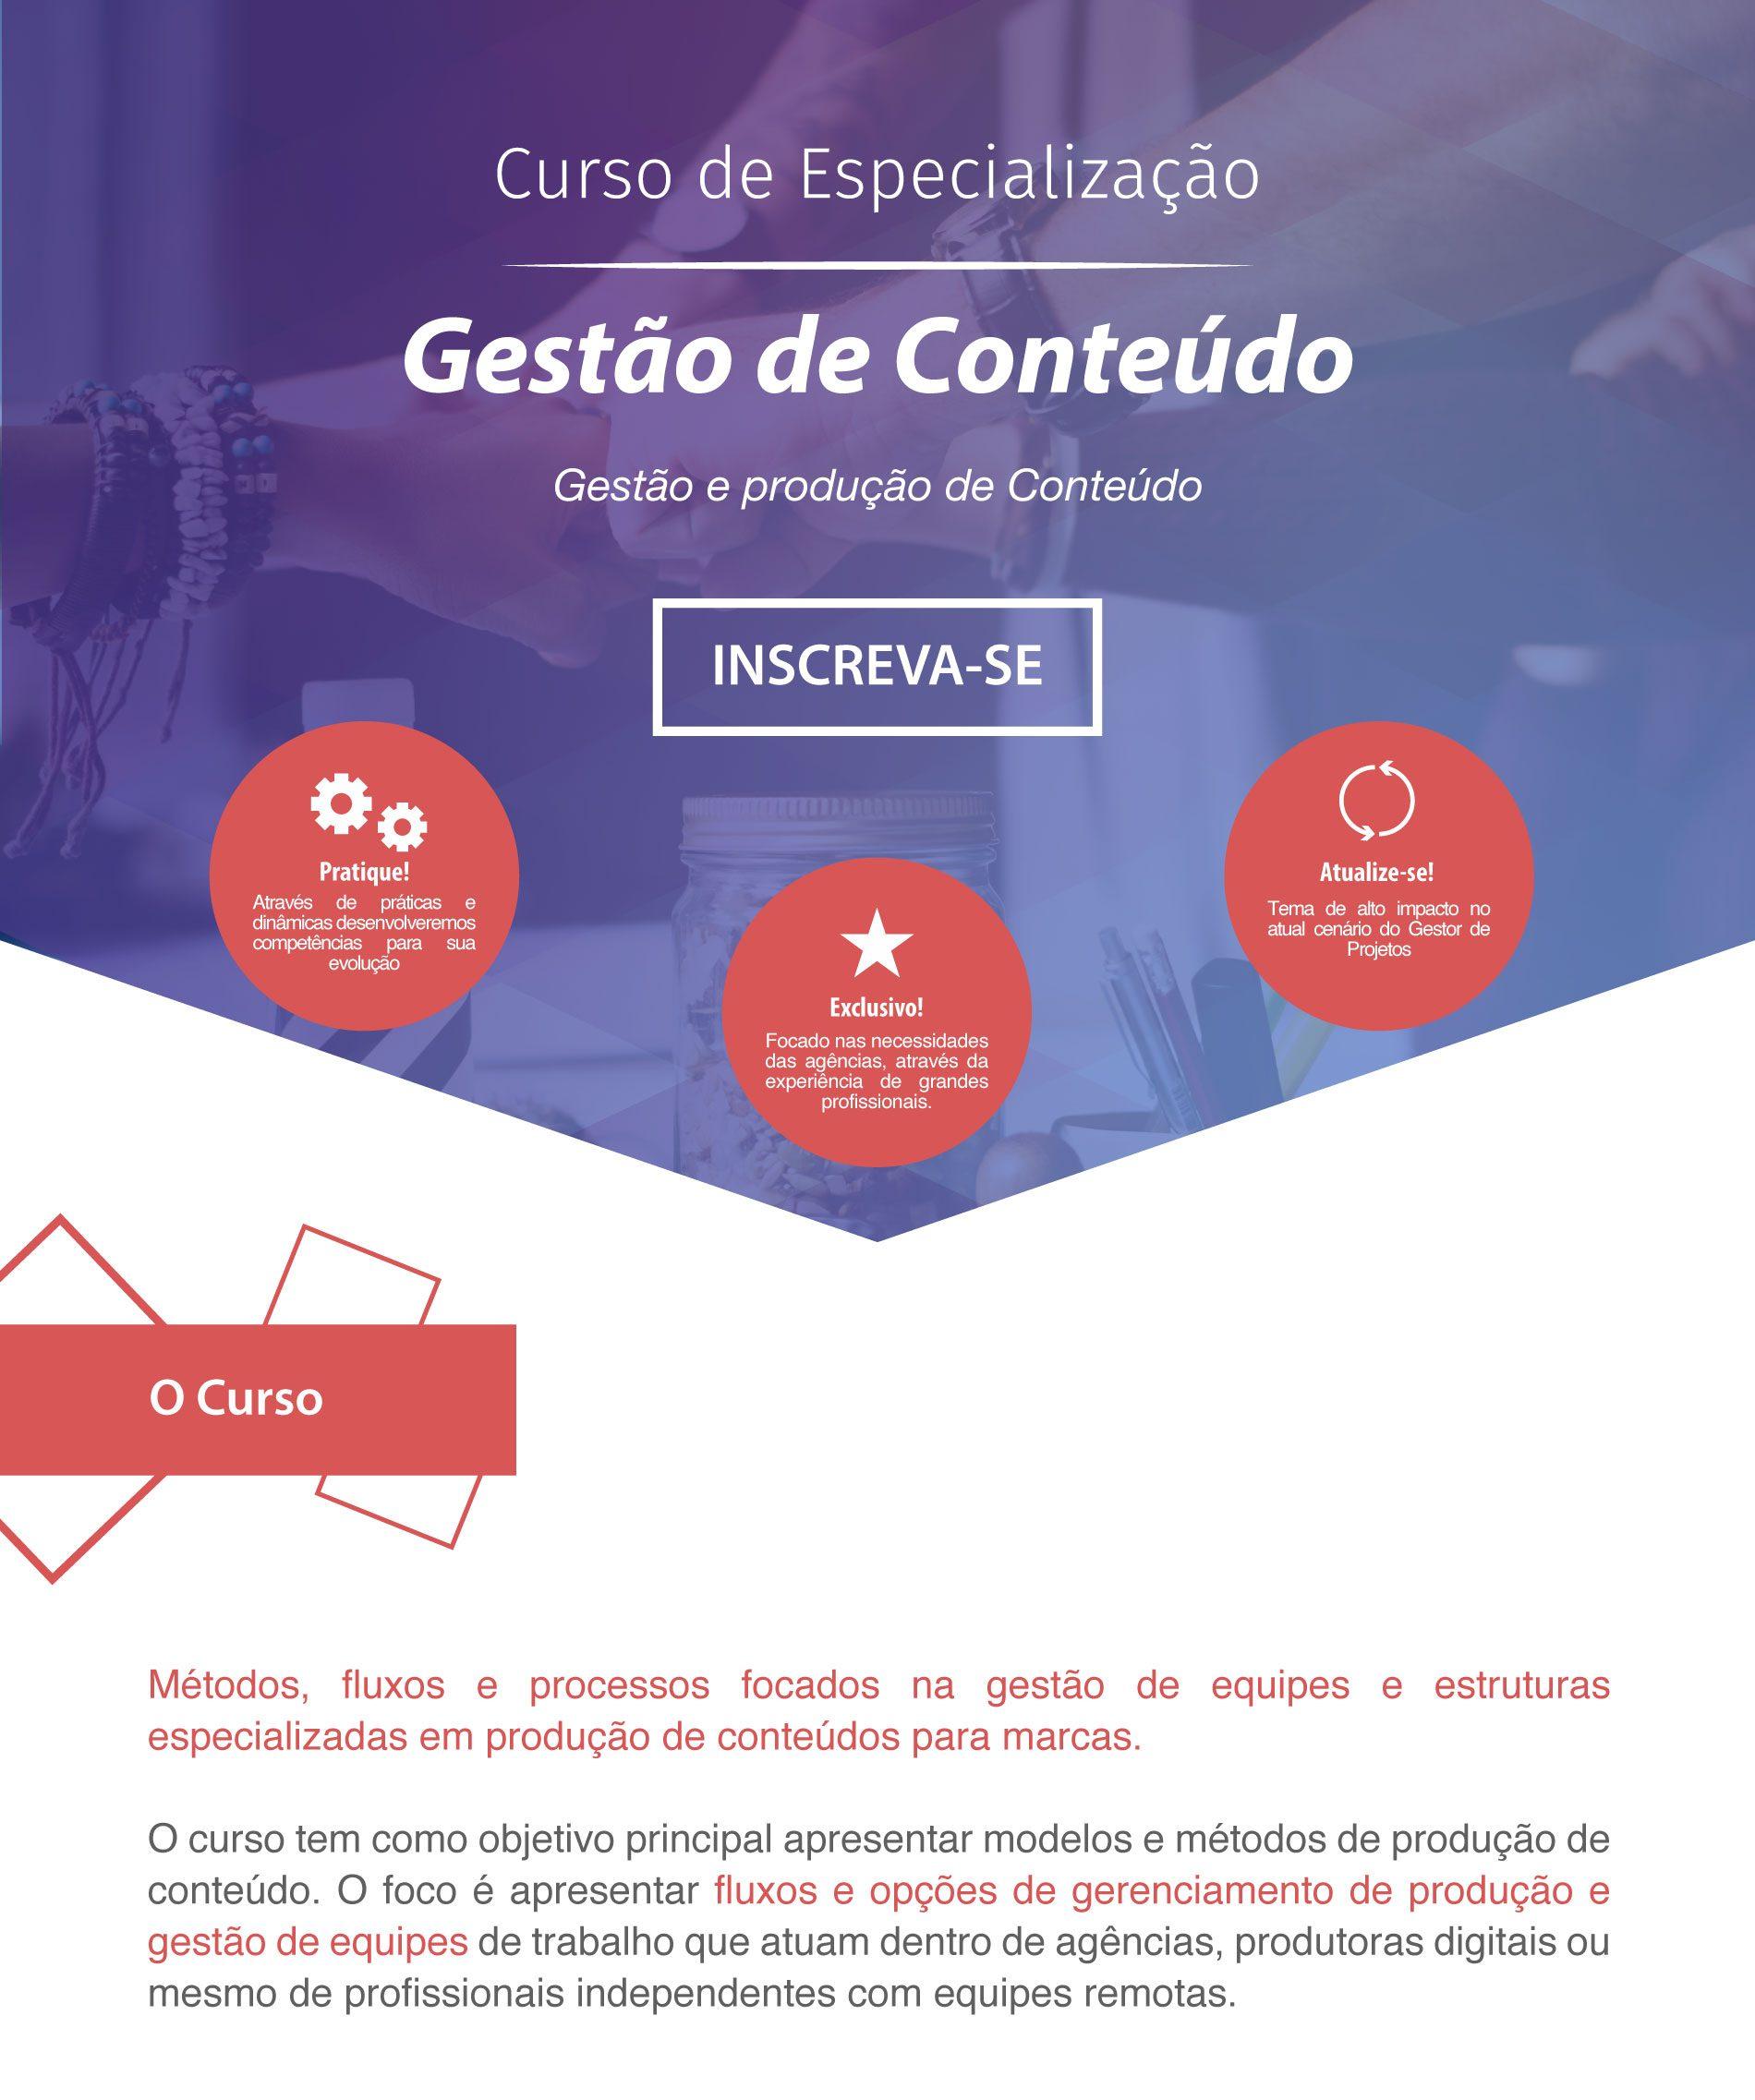 https://www.mestregp.com.br/wp-content/uploads/2018/03/Pagina-CdE-Gestão-de-Conteúdo-pt1-1-1900x2274.jpg